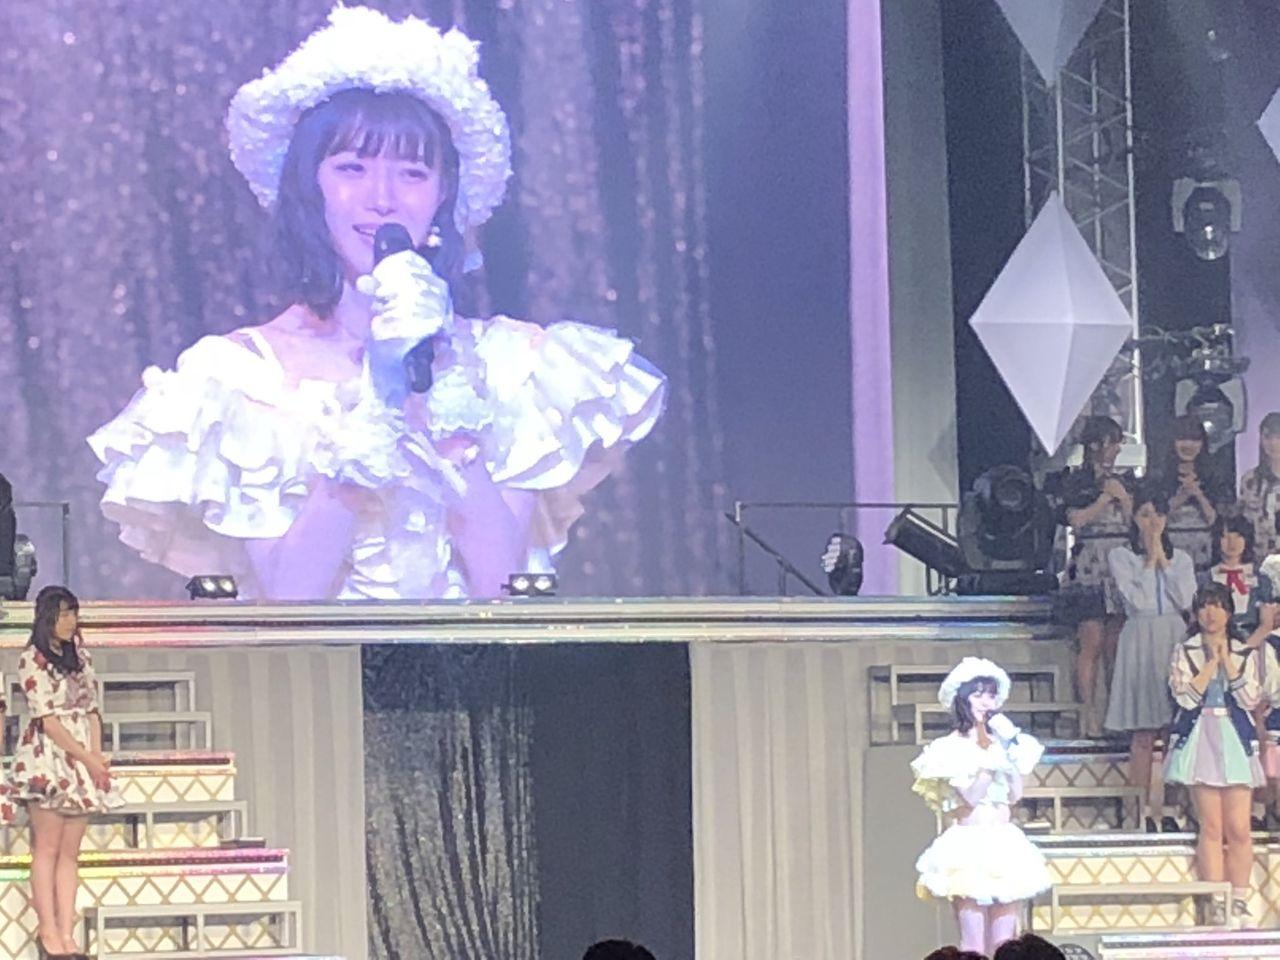 【悲報?】×AKB48リクエストアワー 〇NGT48リクエストアワーだった。